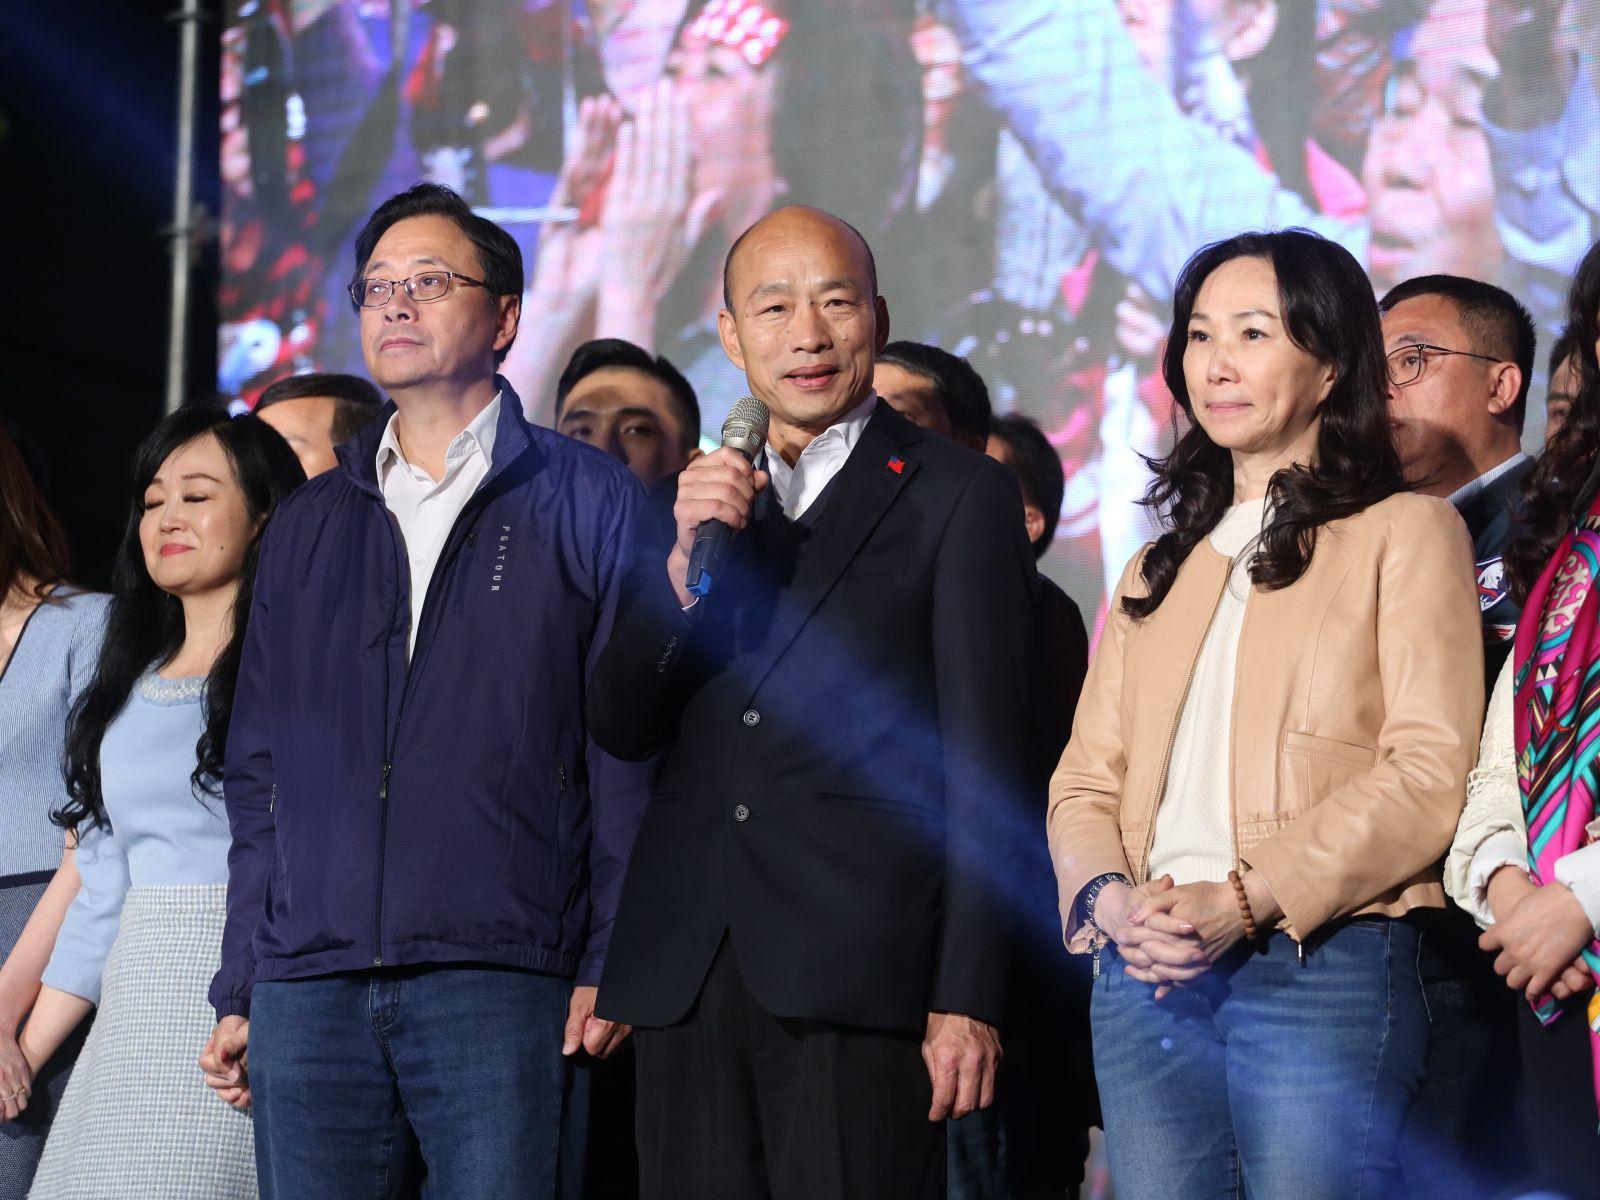 2年內從暴紅到慘輸...韓國瑜敗選的2個意義:我們信仰的價值觀,至少獲得了多數台灣人認同